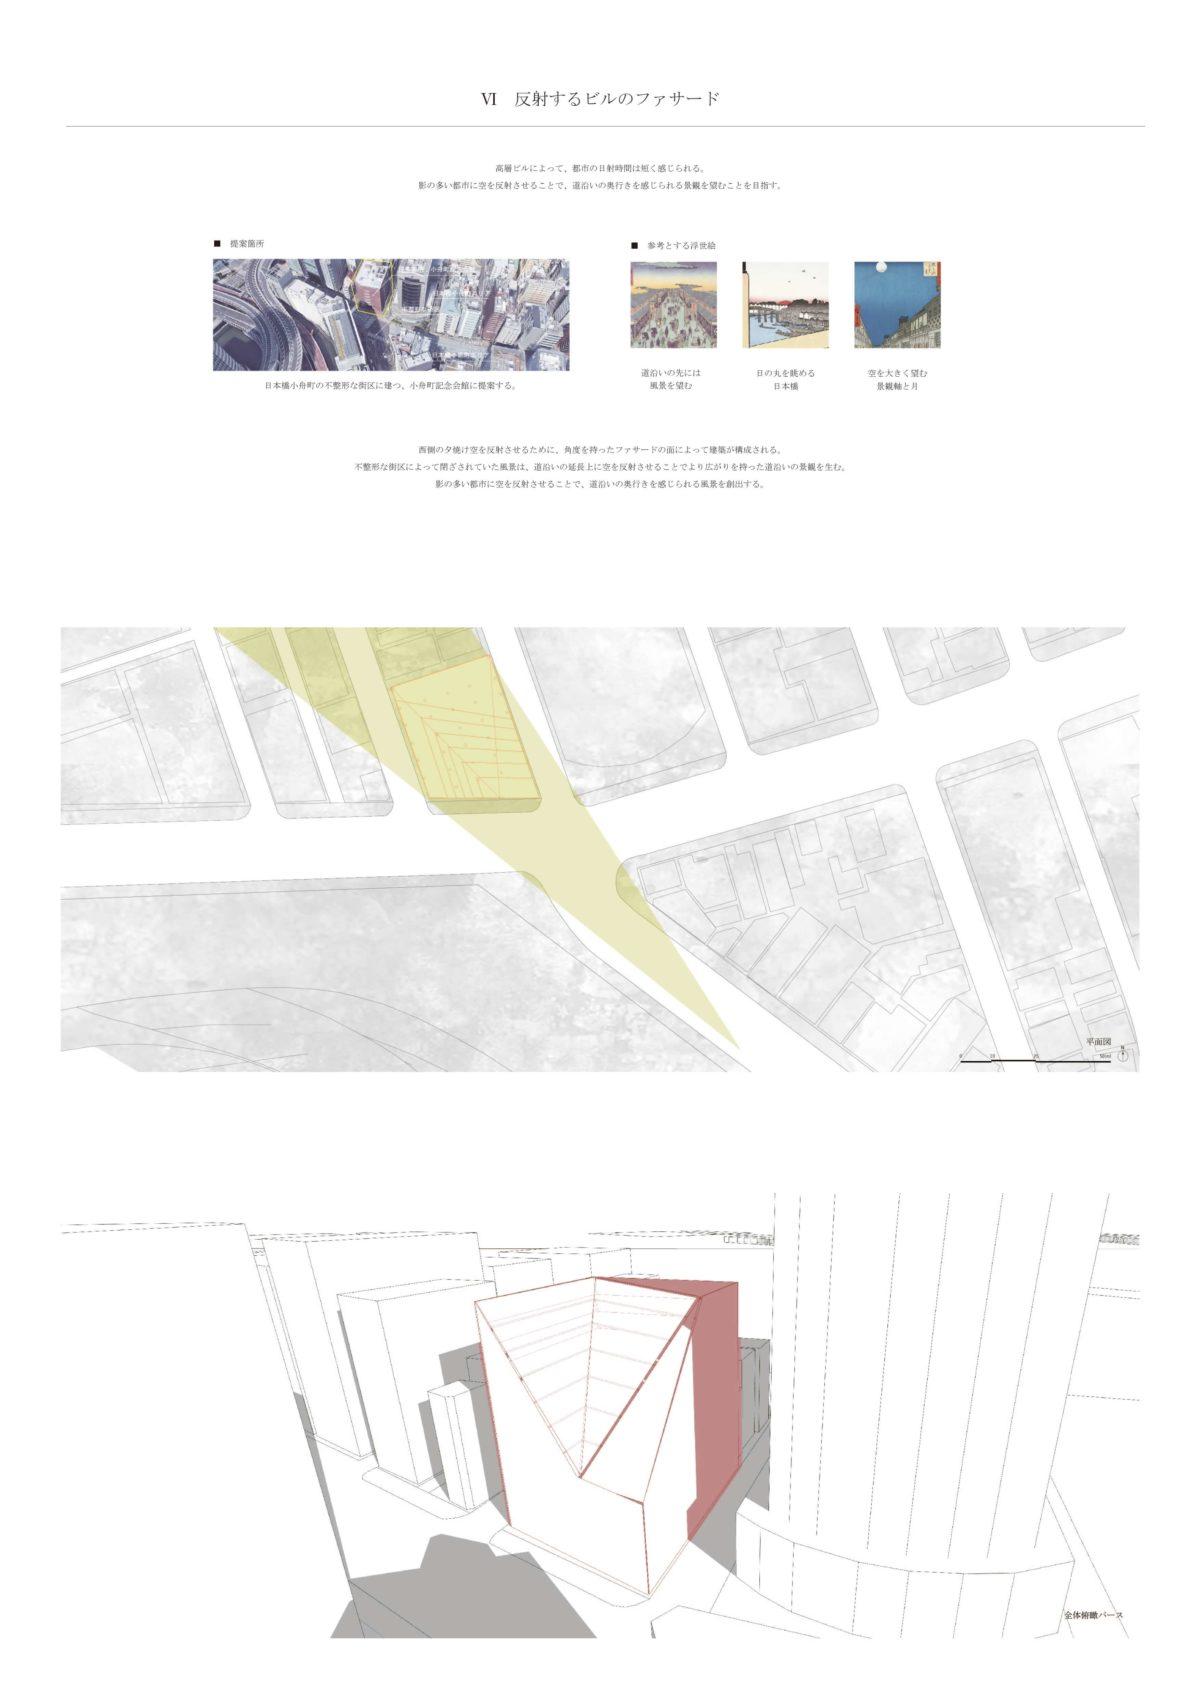 風景を想起する第五世代美術館建築 -歌川広重による名所江戸百景の分析を通して--19